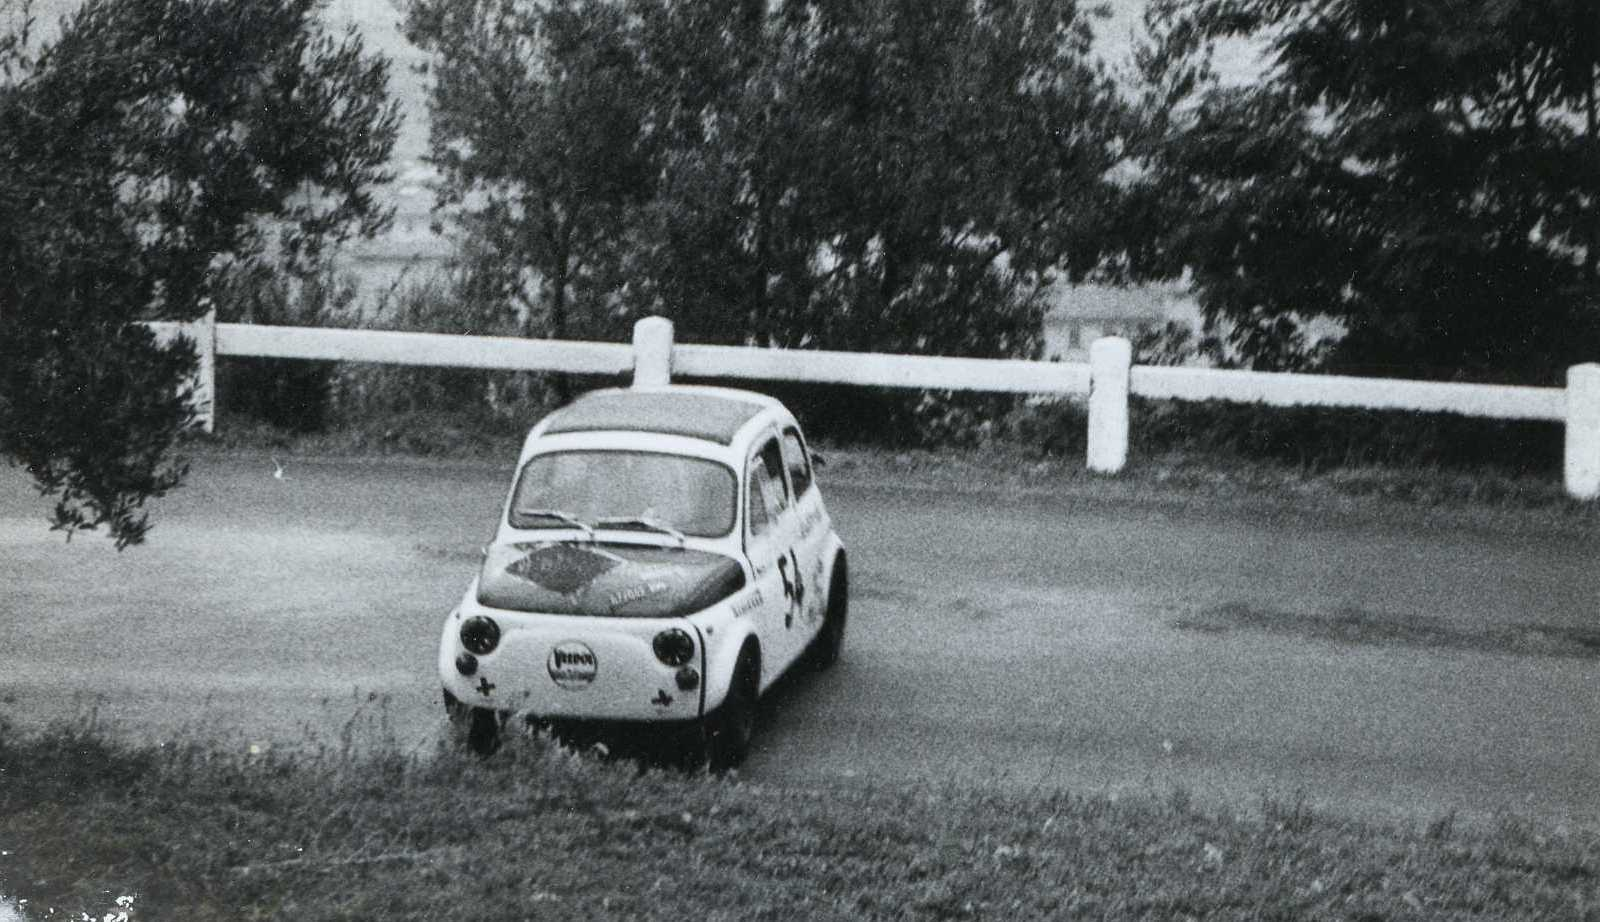 1968 Costantini Franco in difficoltà con la Fiat Abarth 595 cat.Turismo